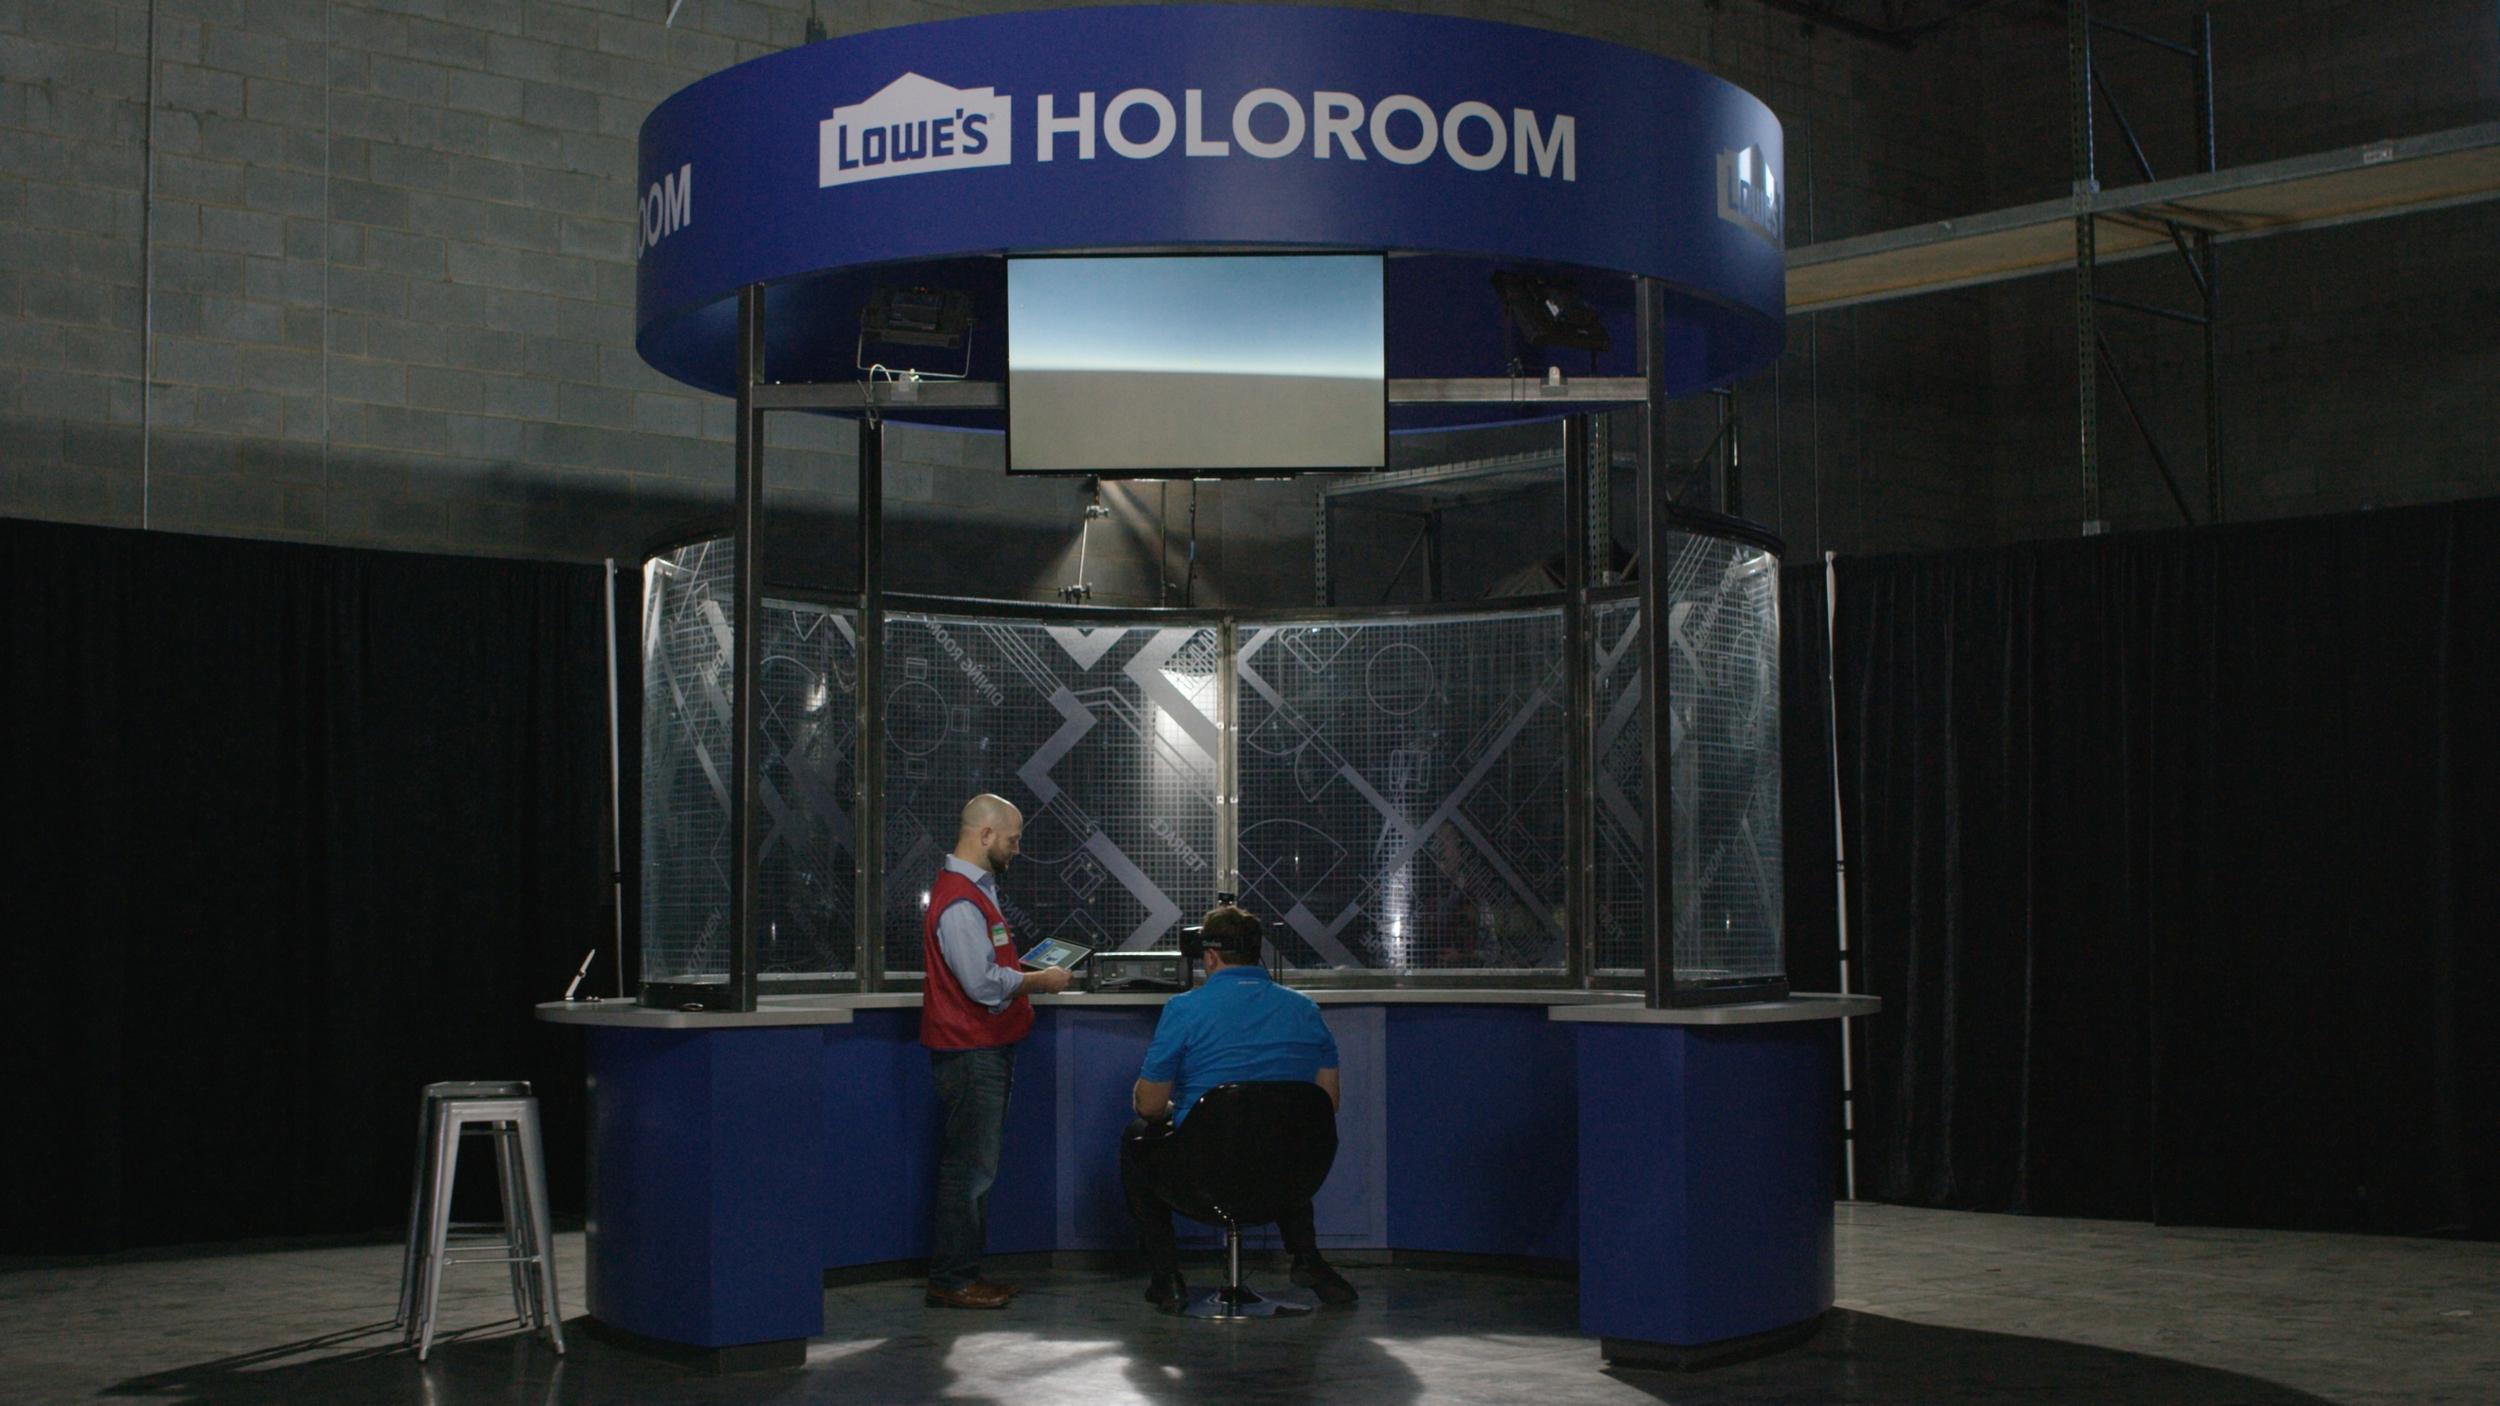 Rex and Customer Holoroom Video Still.jpg